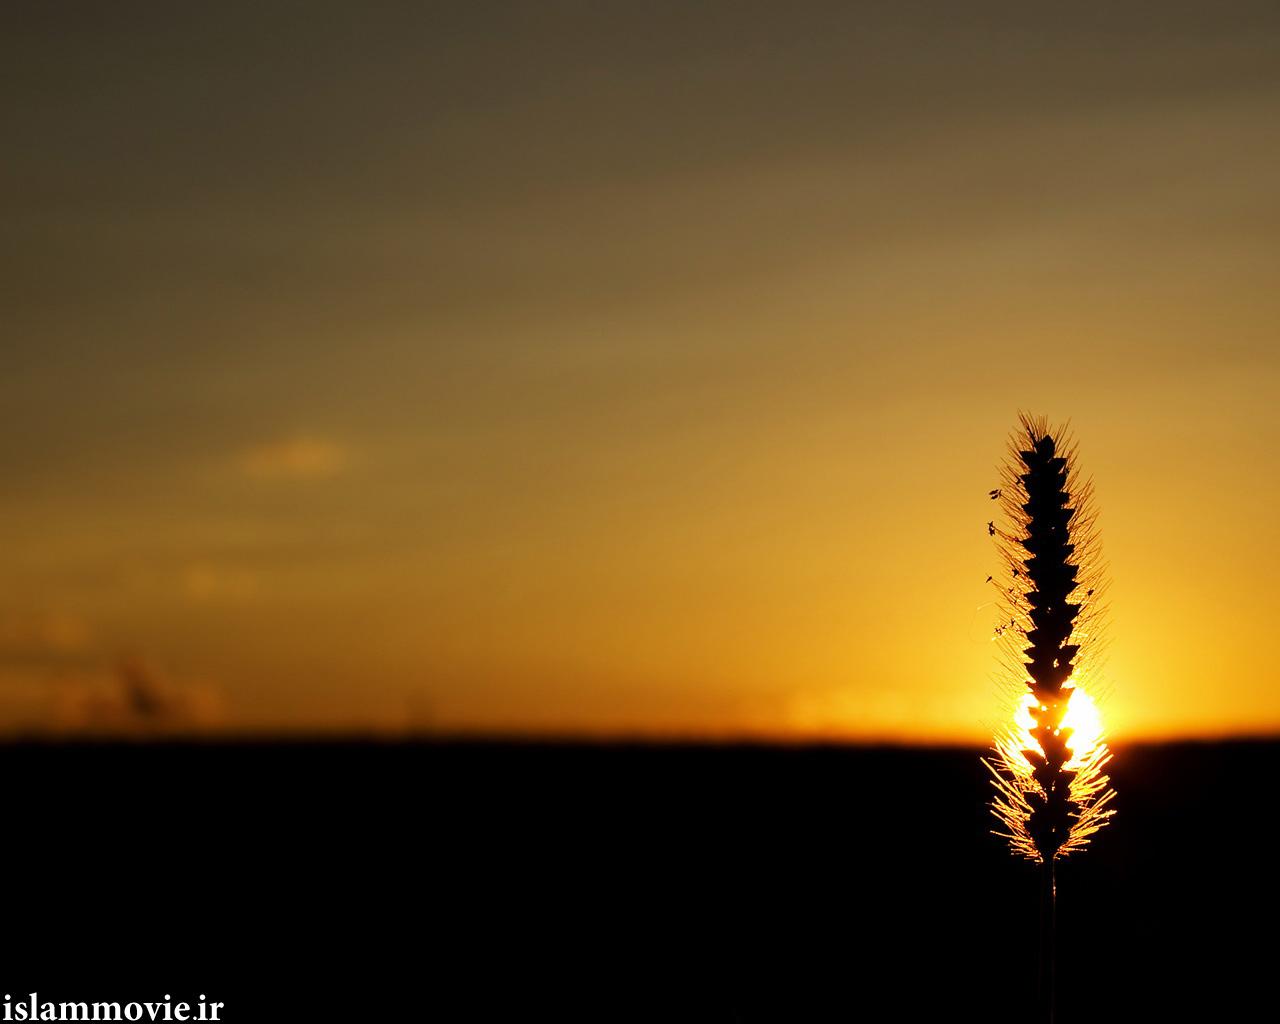 عکس غروب آفتاب با کیفیت